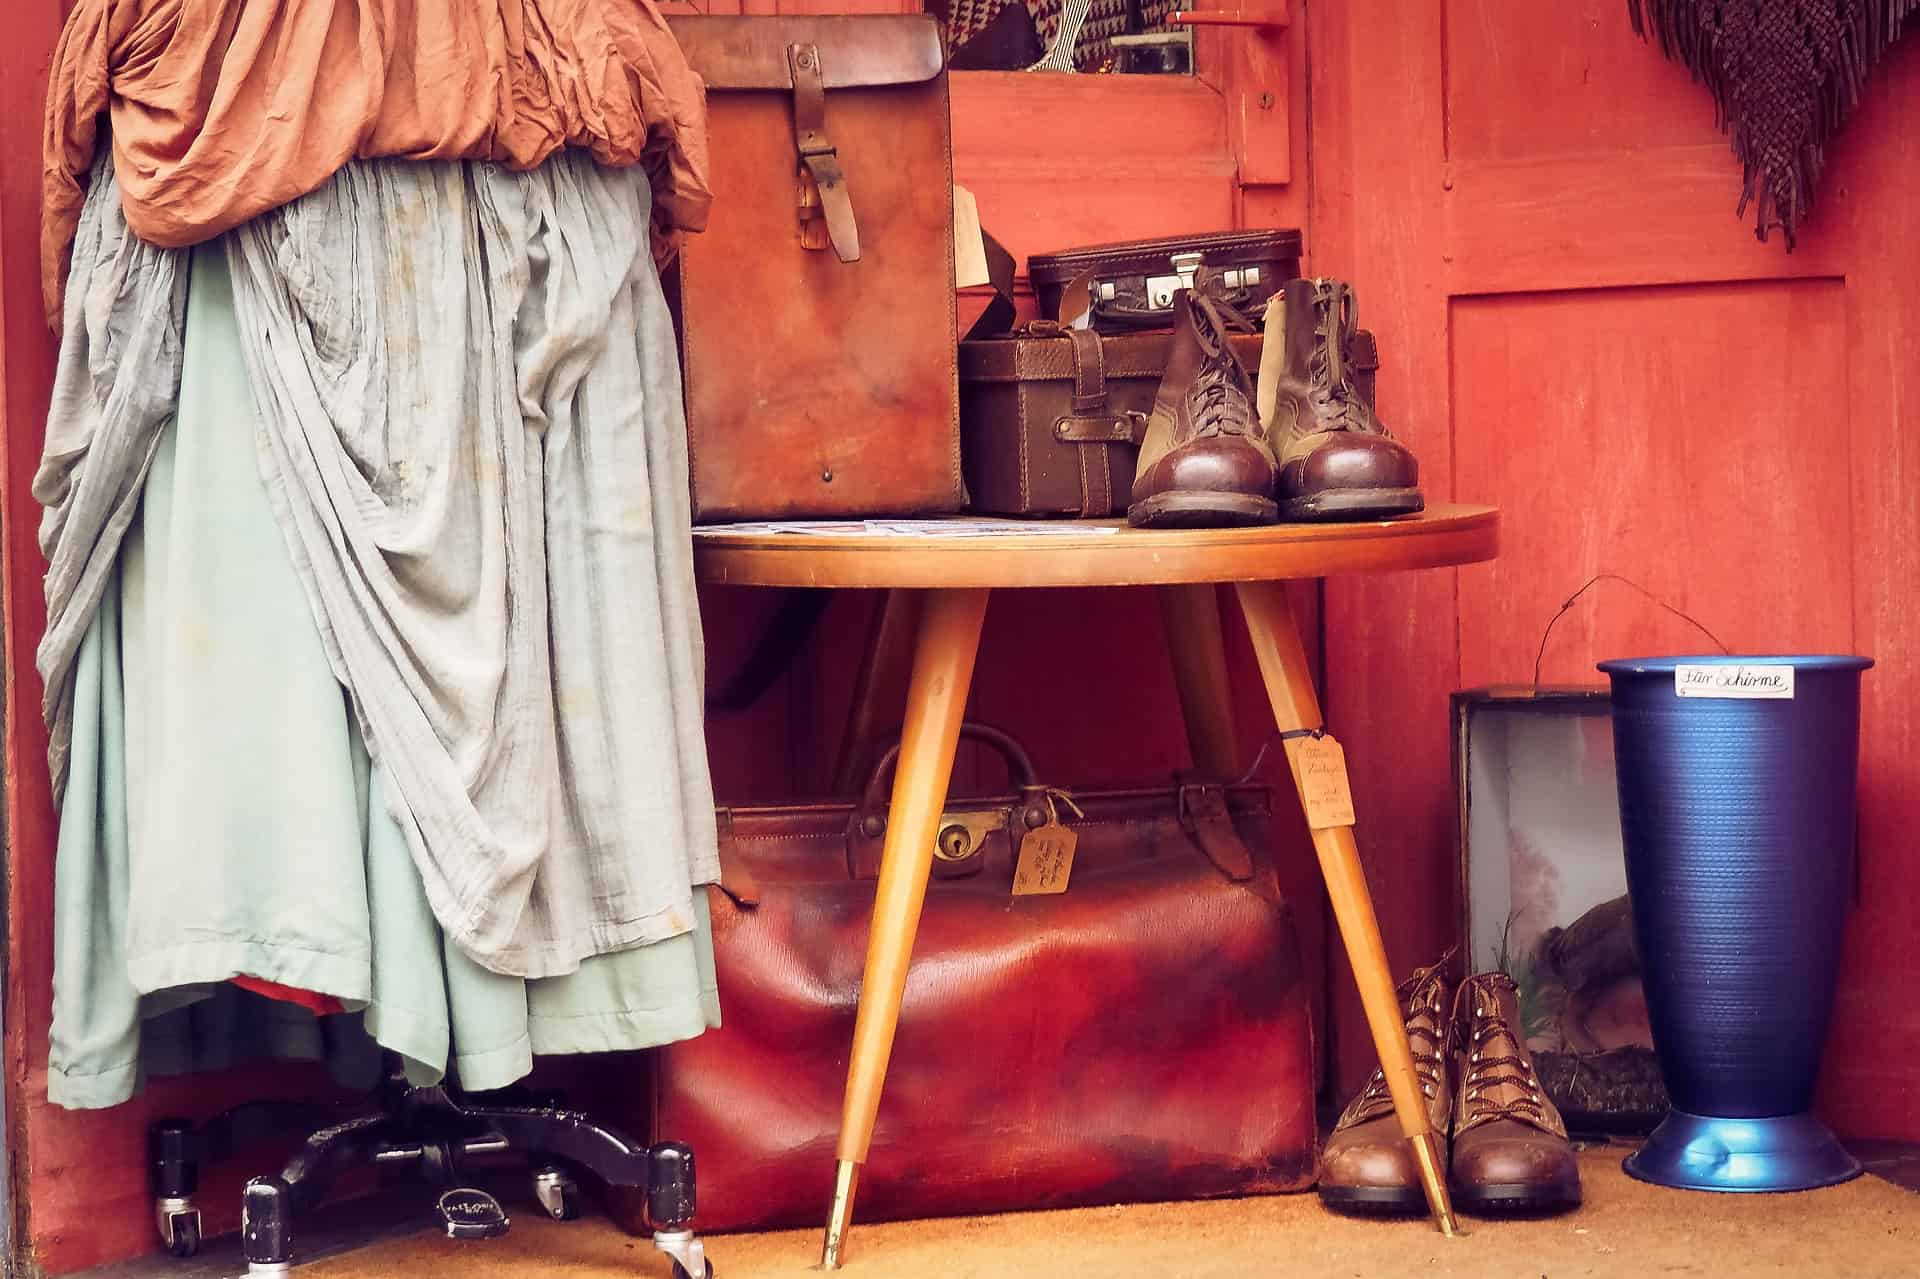 Immagine - Sospesa la raccolta degli abiti usati tramite cassonetti stradali